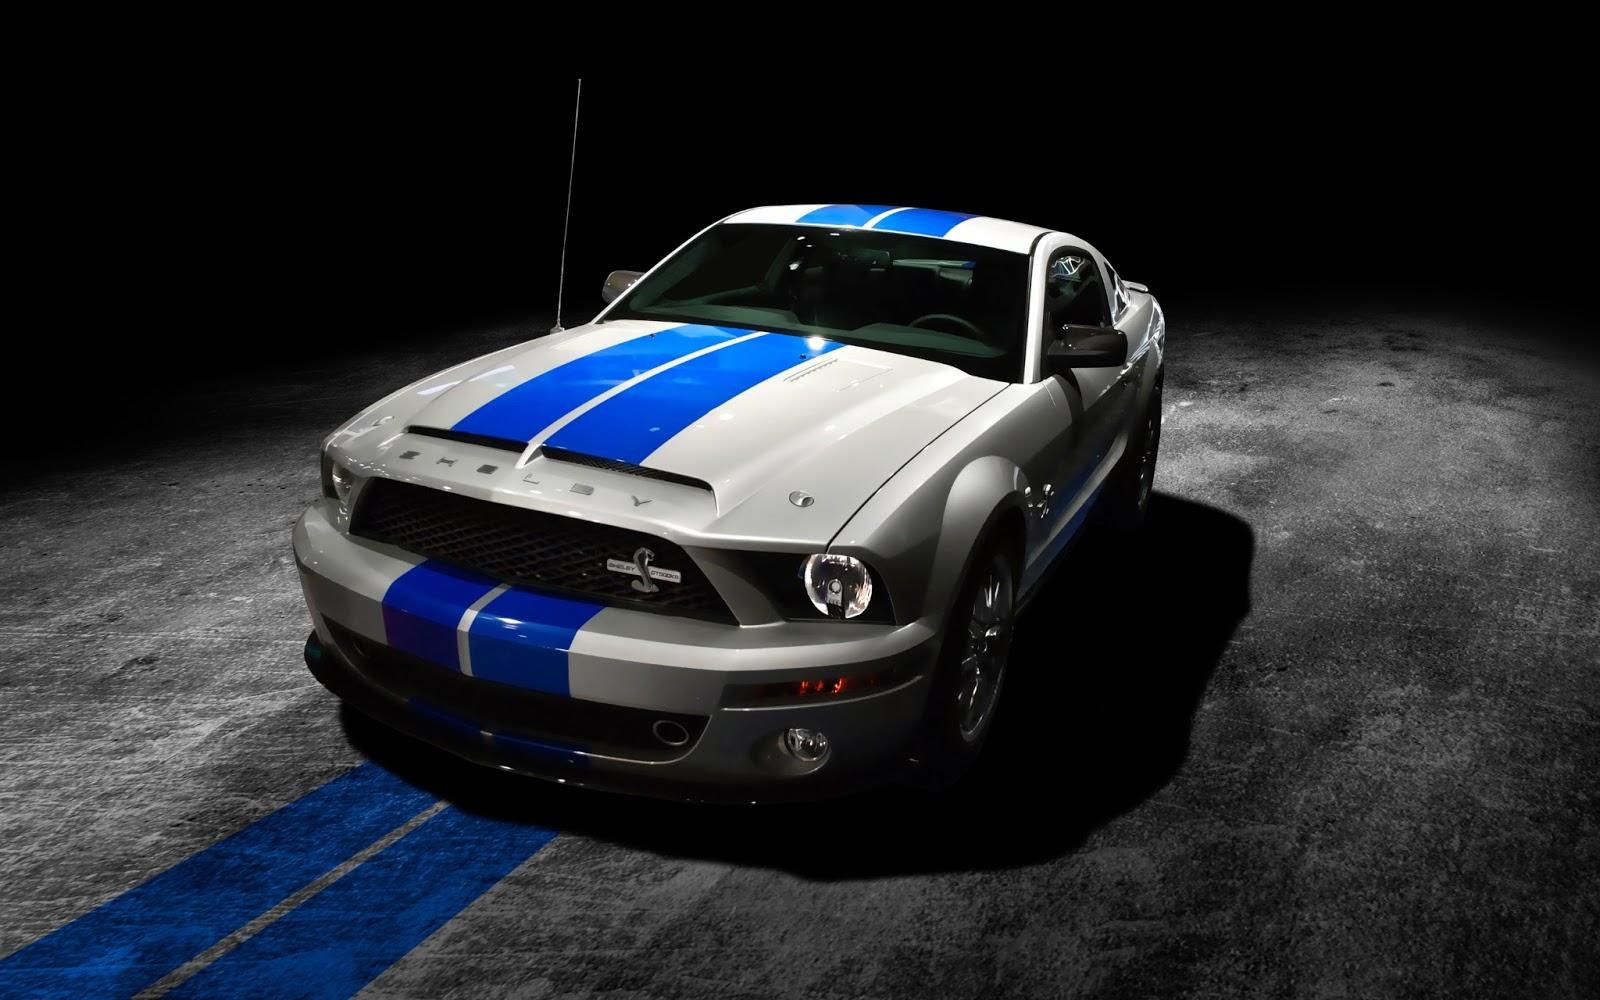 Full HD Car Wallpapers 1080p - WallpaperSafari